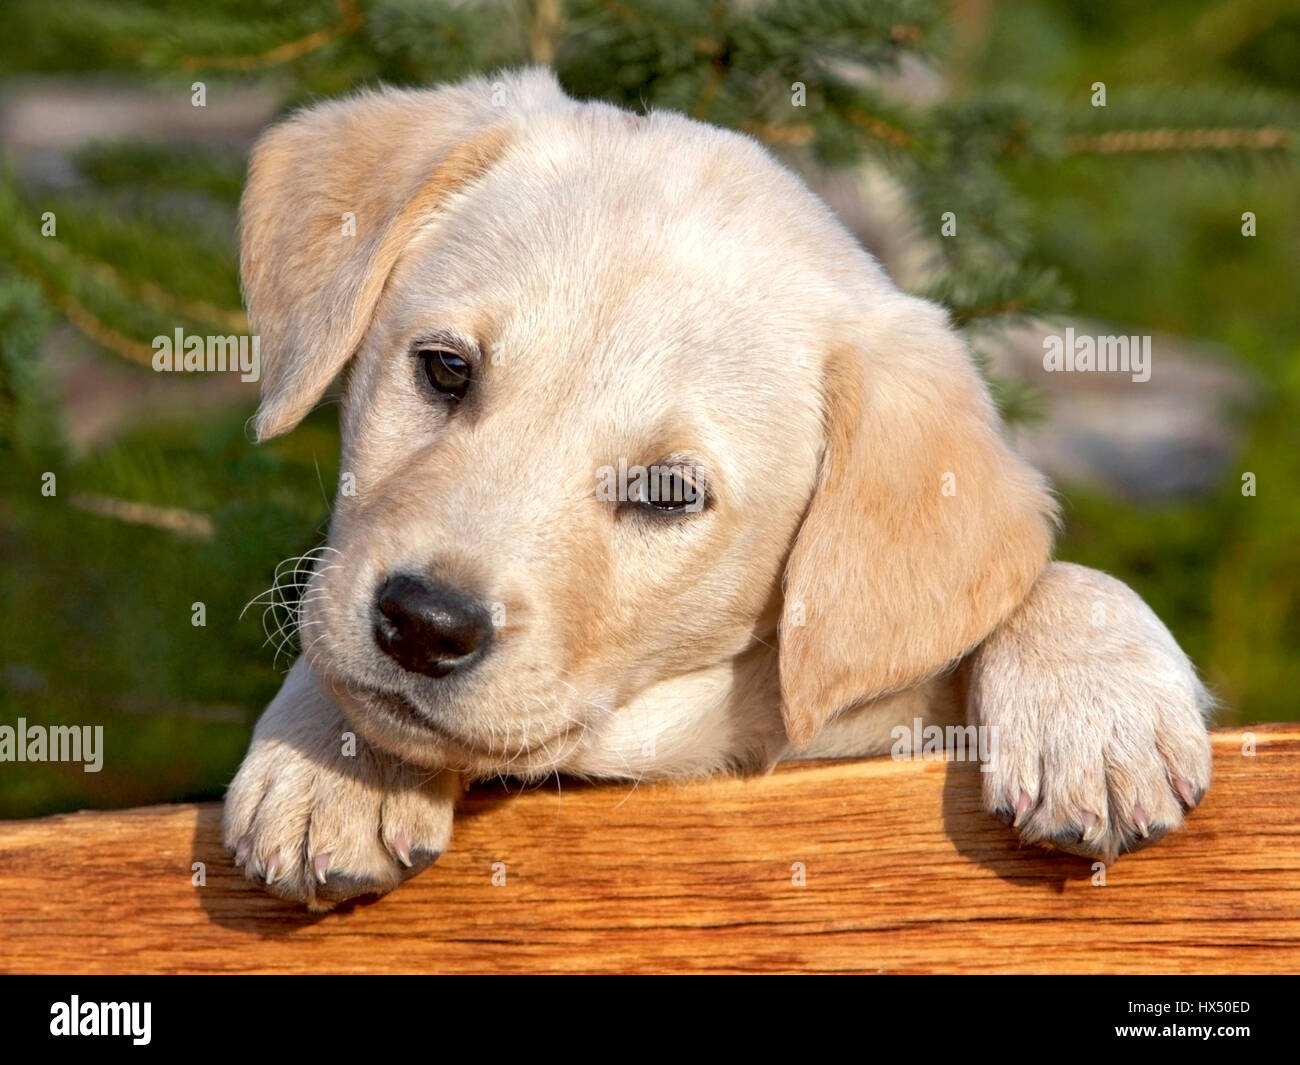 Giallo simpatico Labrador Retriever cucciolo guardando da dietro un pannello di legno. Immagini Stock